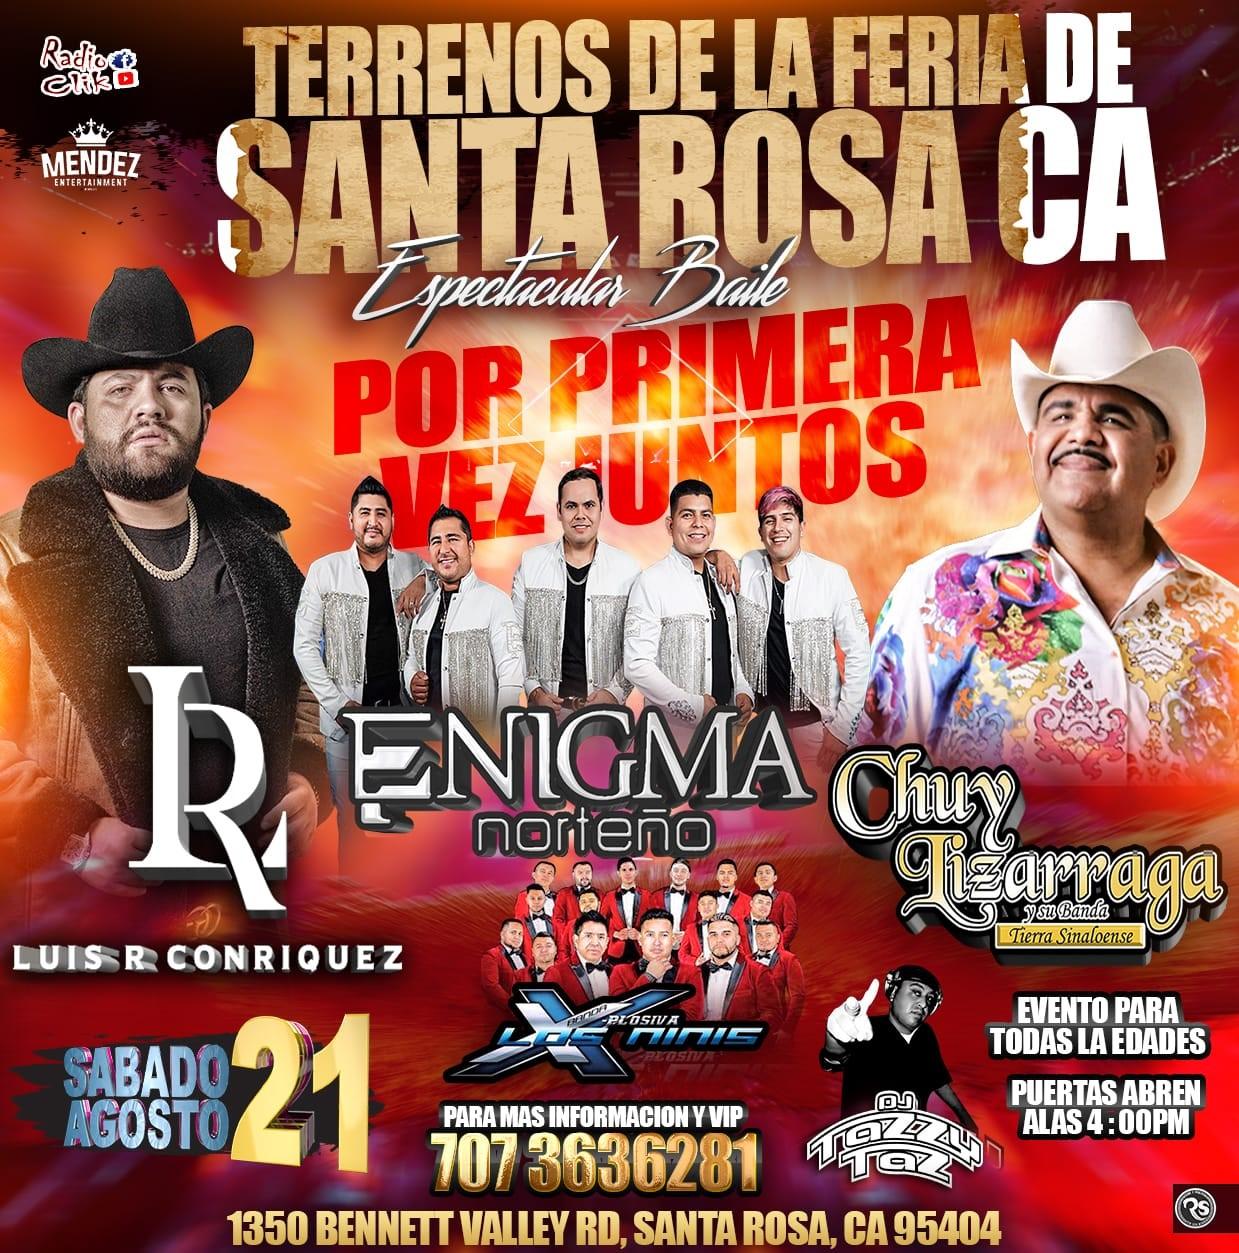 Luis R. Conriquez,Marca Registrada y Enigma Norteño  on Aug 21, 16:00@Terrenos de La Feria de Santa Rosa - Buy tickets and Get information on elrodeorio.com sanjoseentertainment